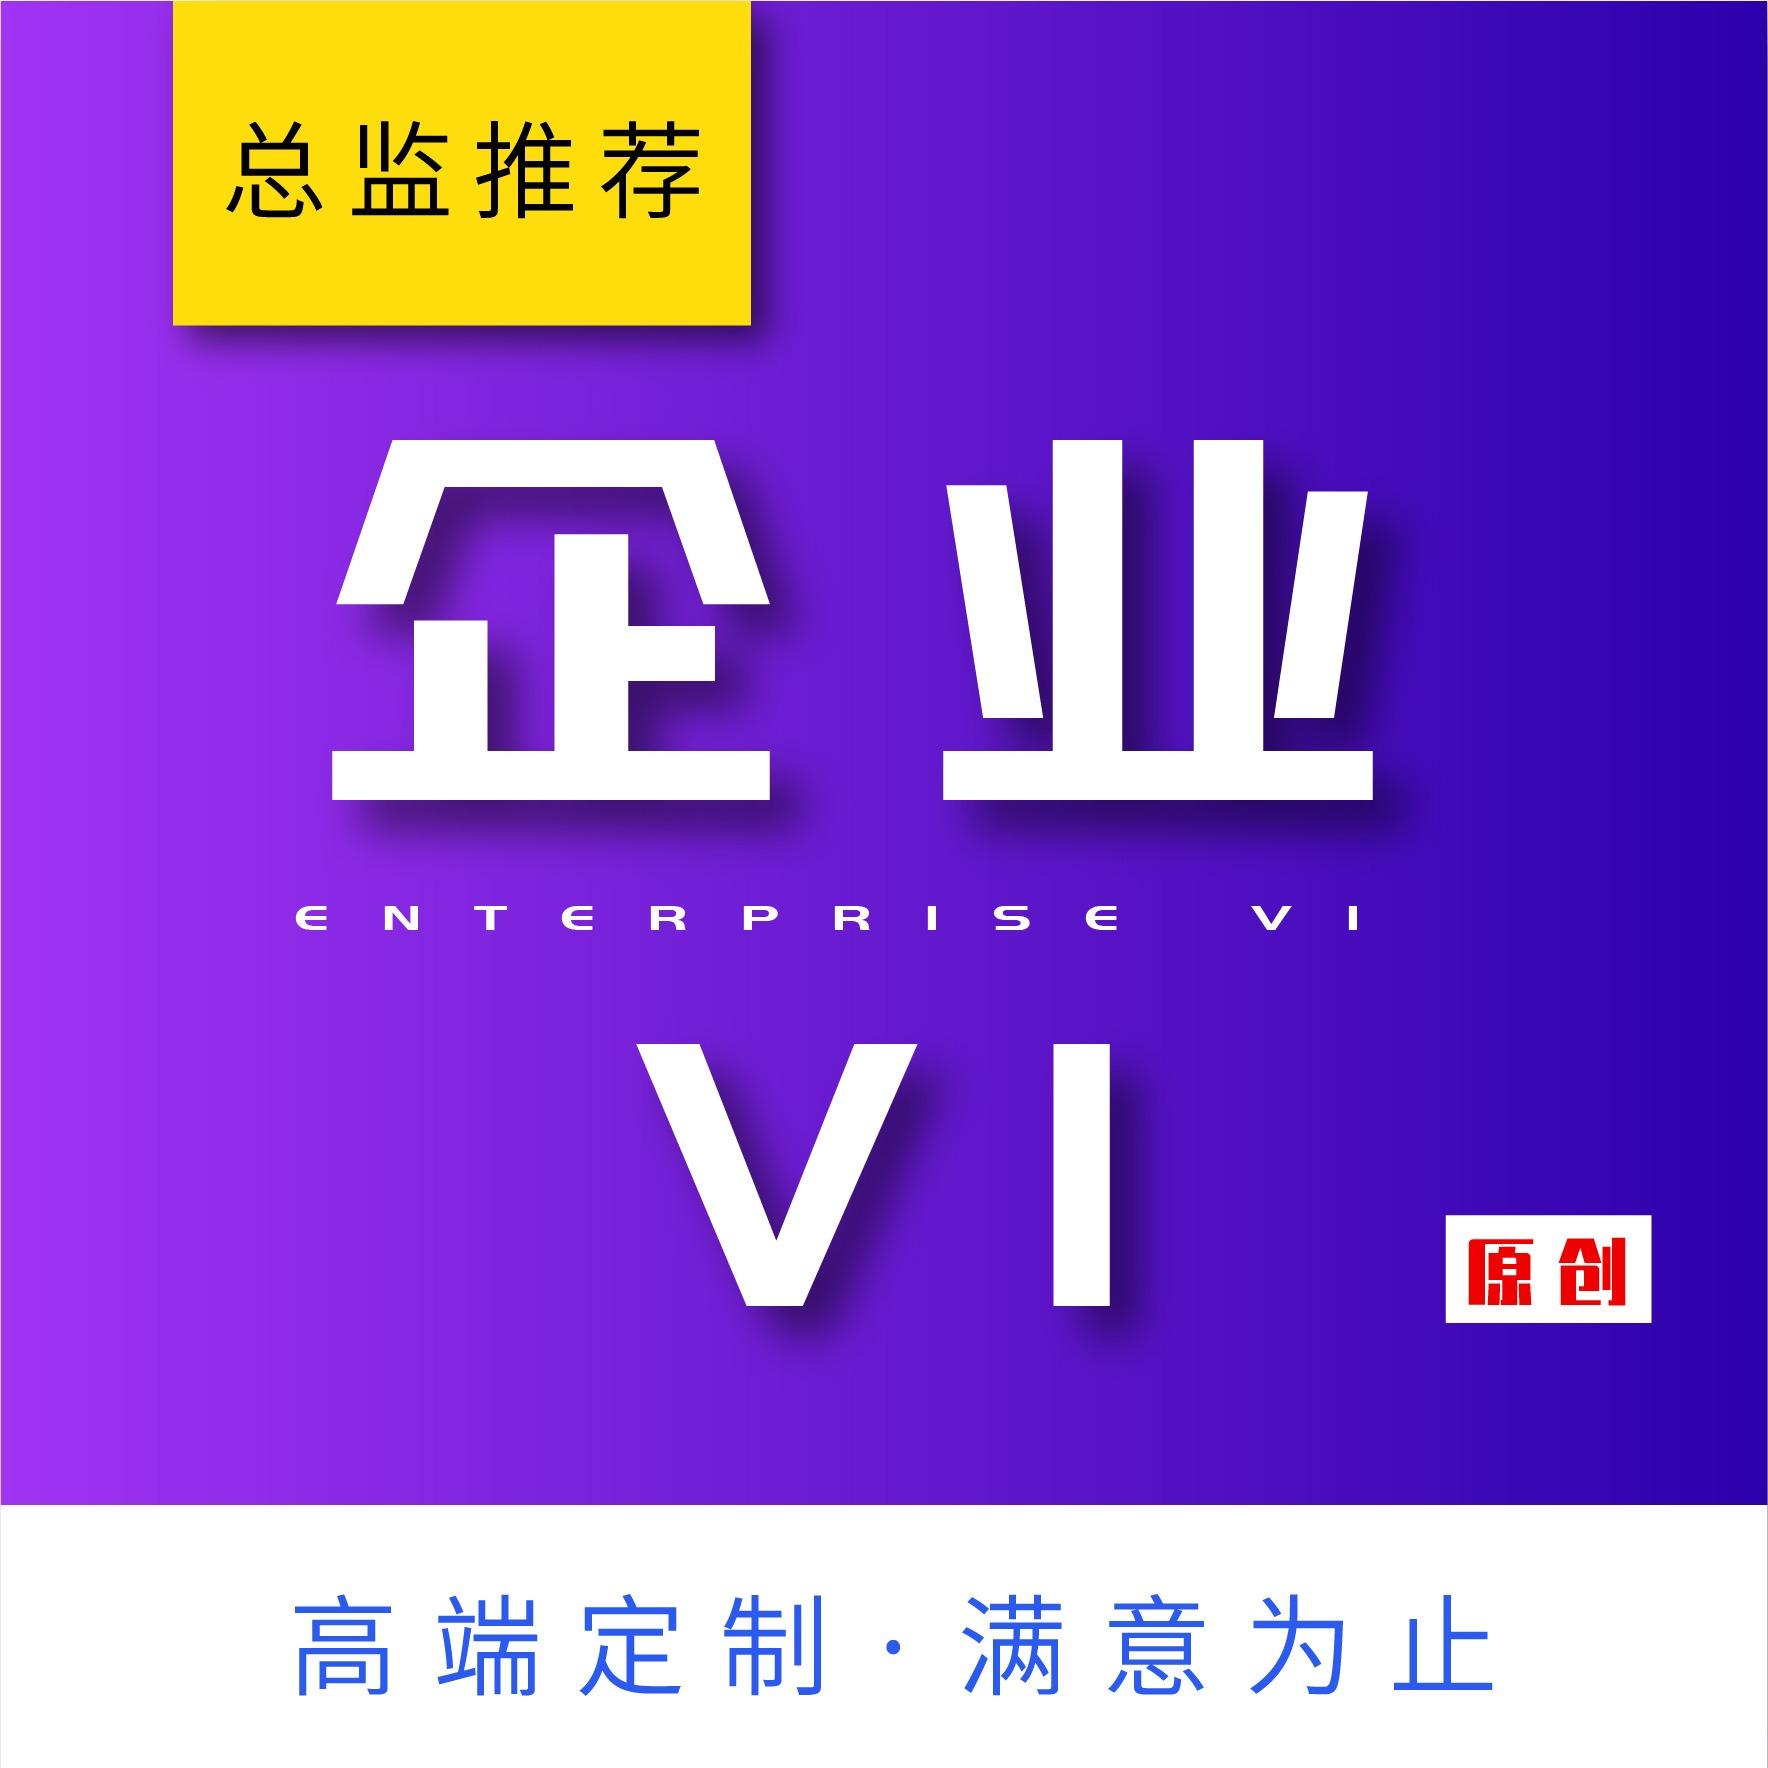 餐饮行业品牌企业形象 vi设计  VI S视觉系统全套 设计 平面 设计